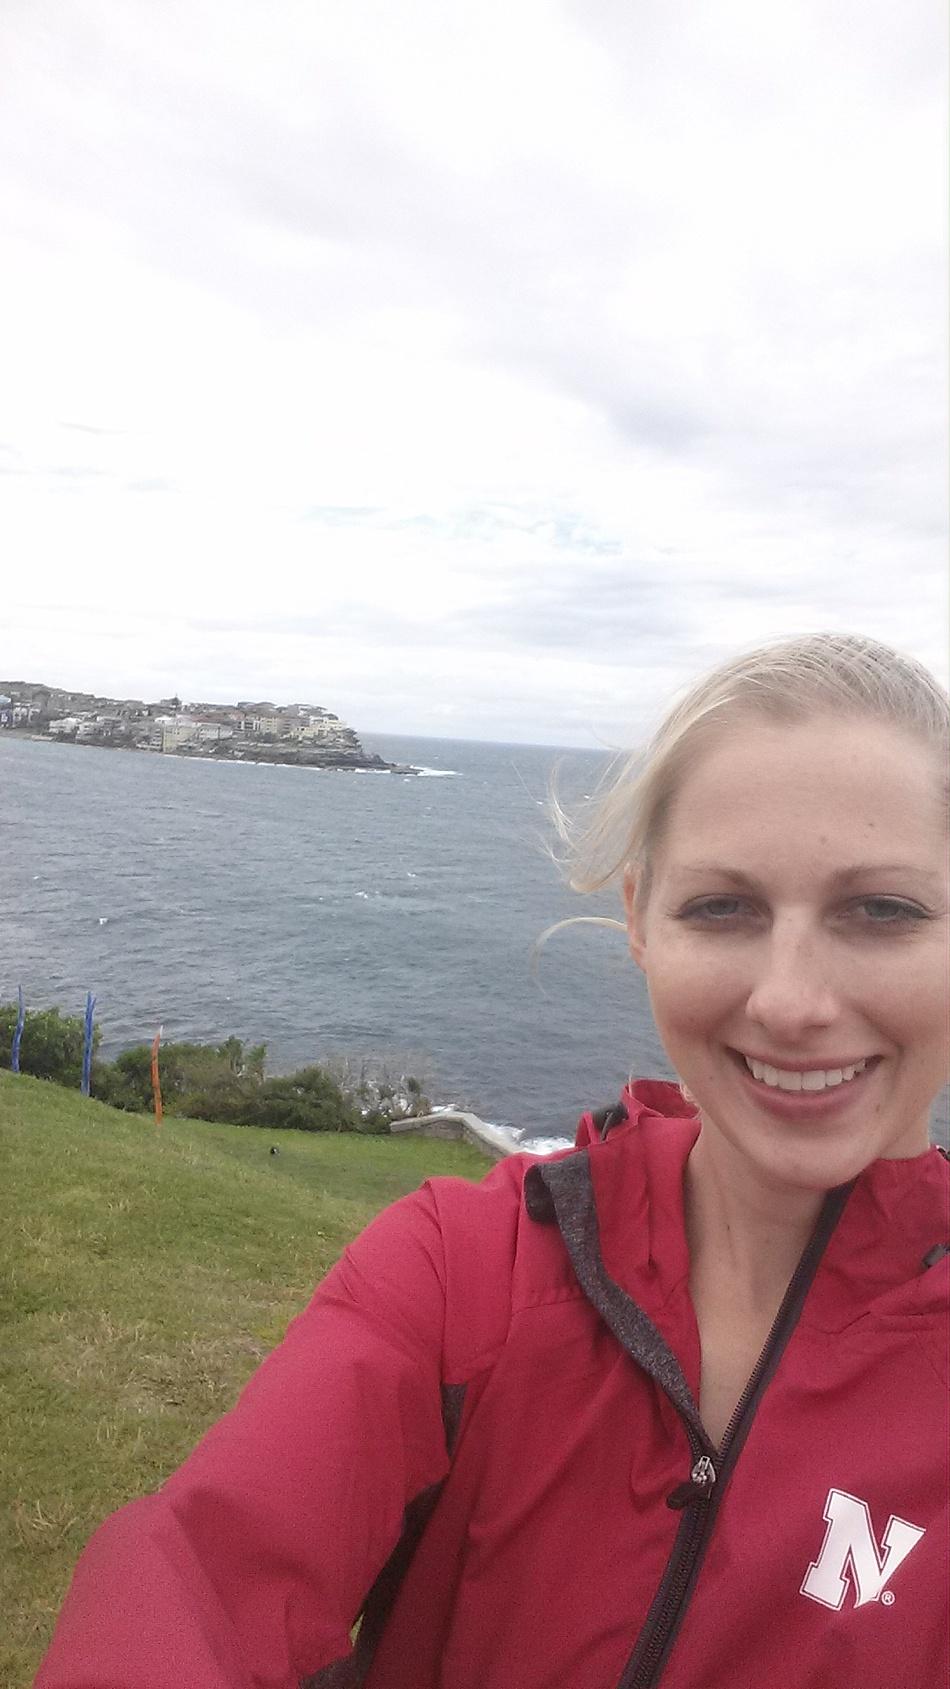 Bondi Beach Selfie